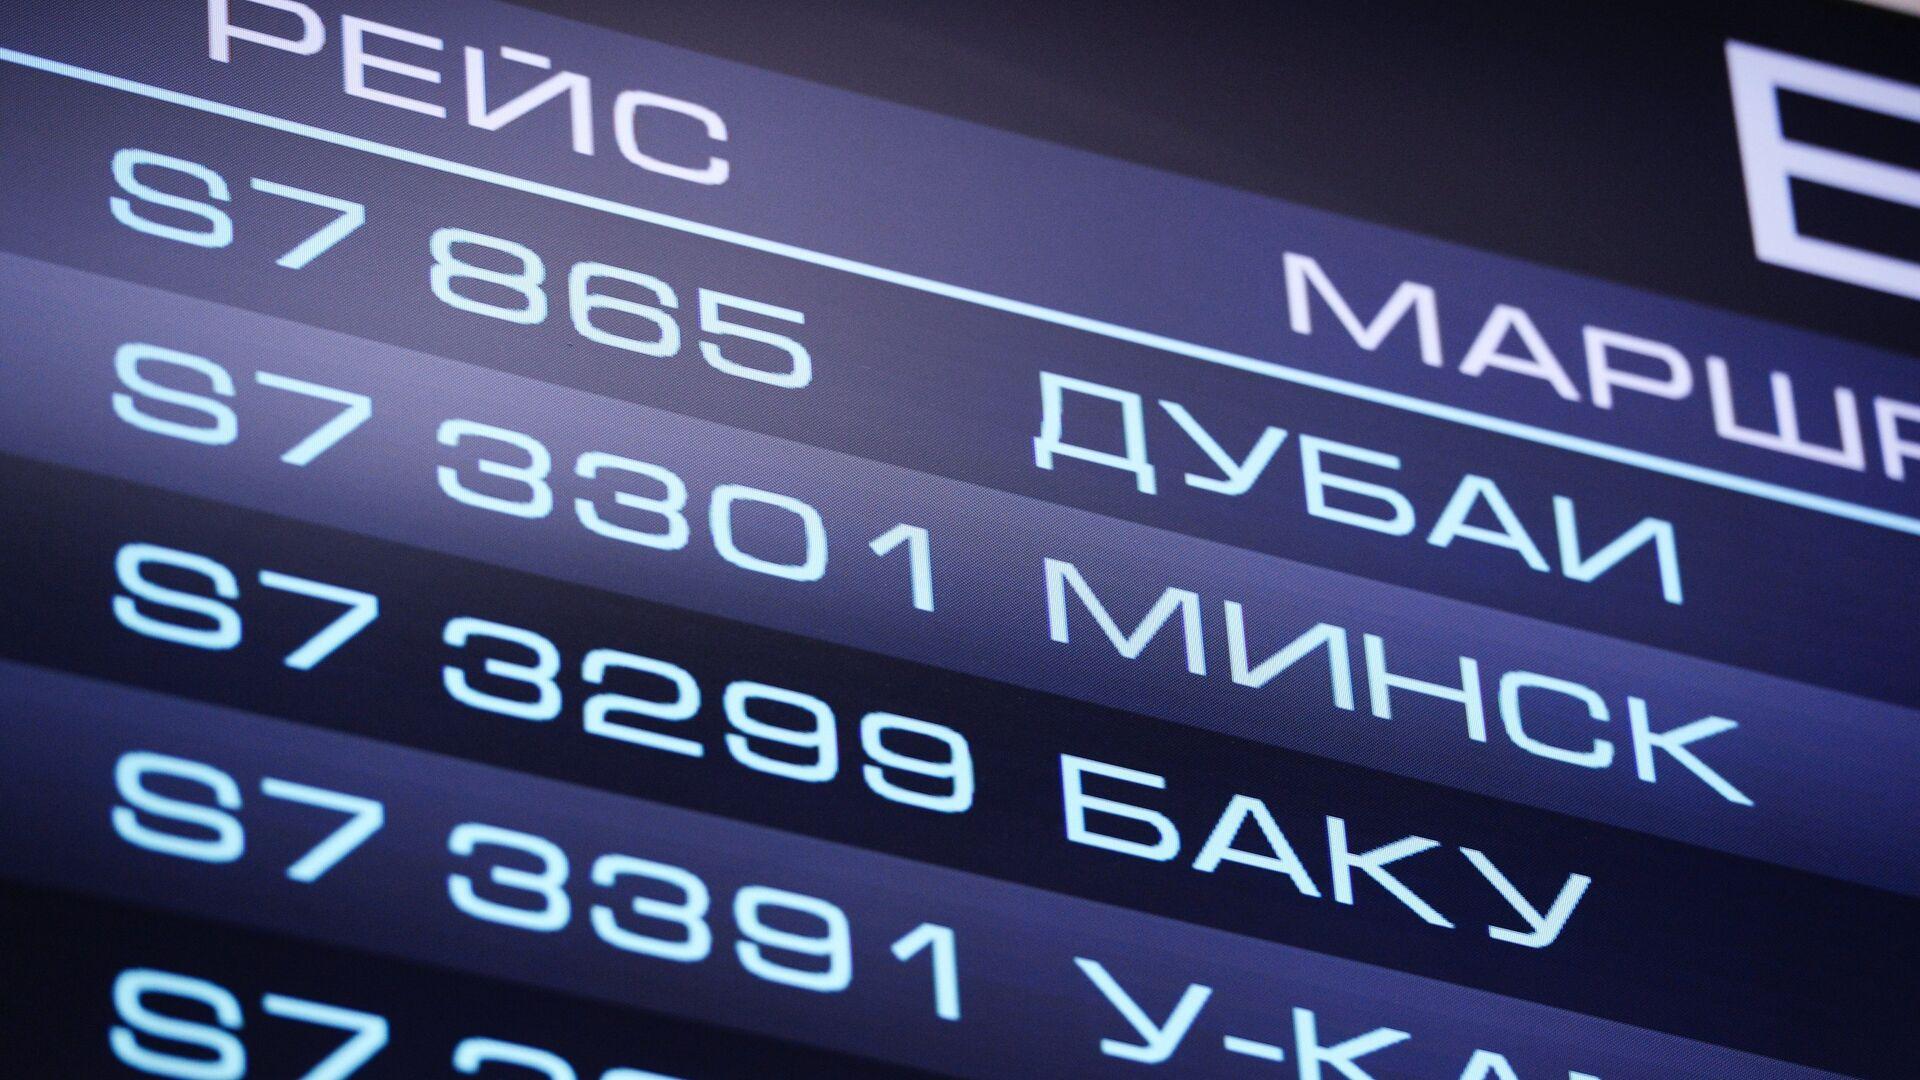 Табло с информацией о рейсах отправления в аэропорту - РИА Новости, 1920, 29.04.2021